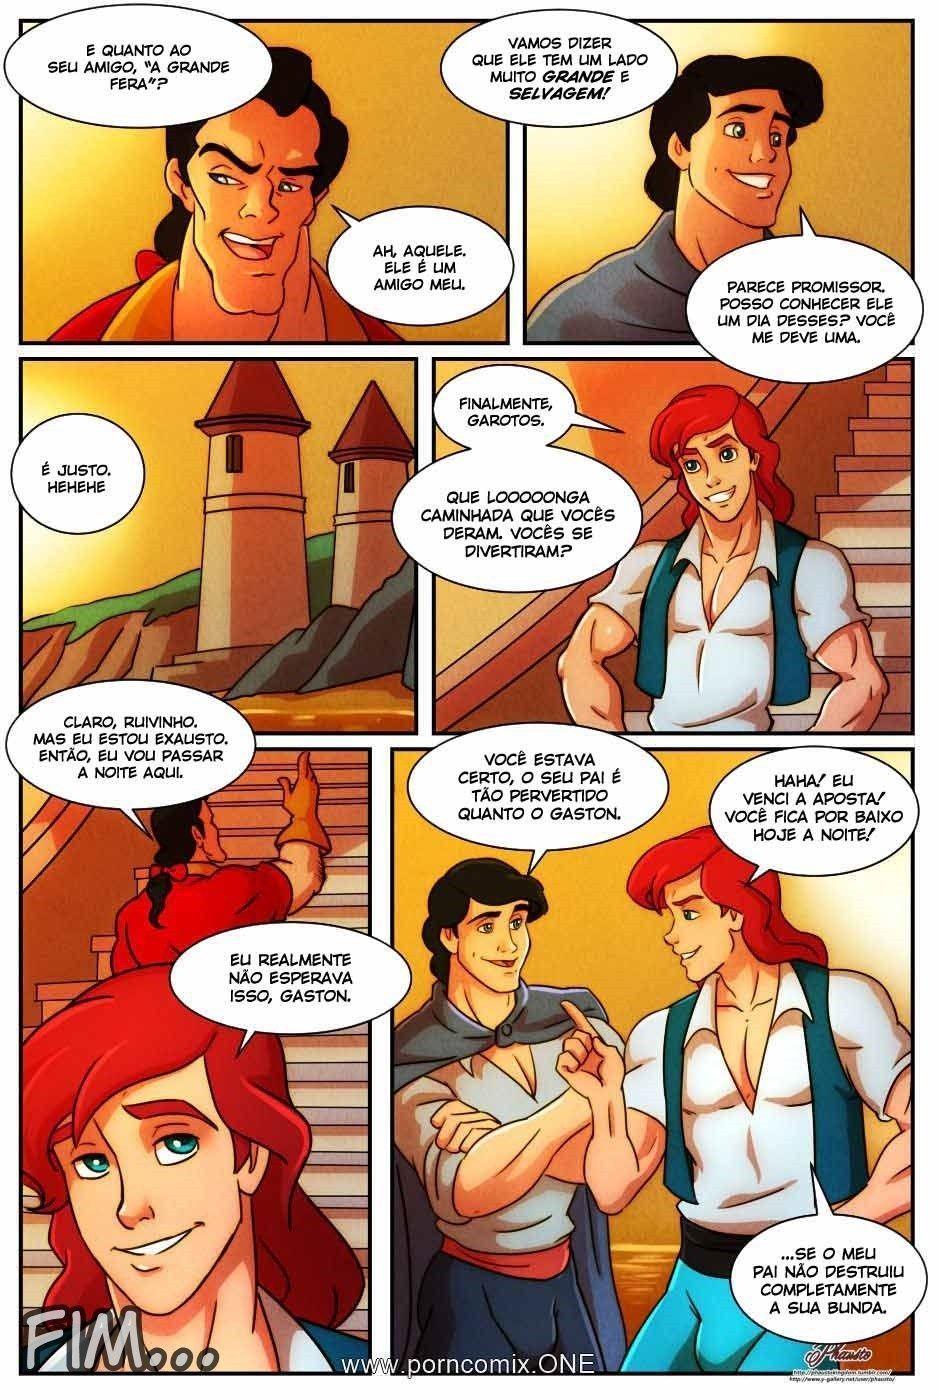 O príncipe gay e o Tritão fazendo valer a pena a saida